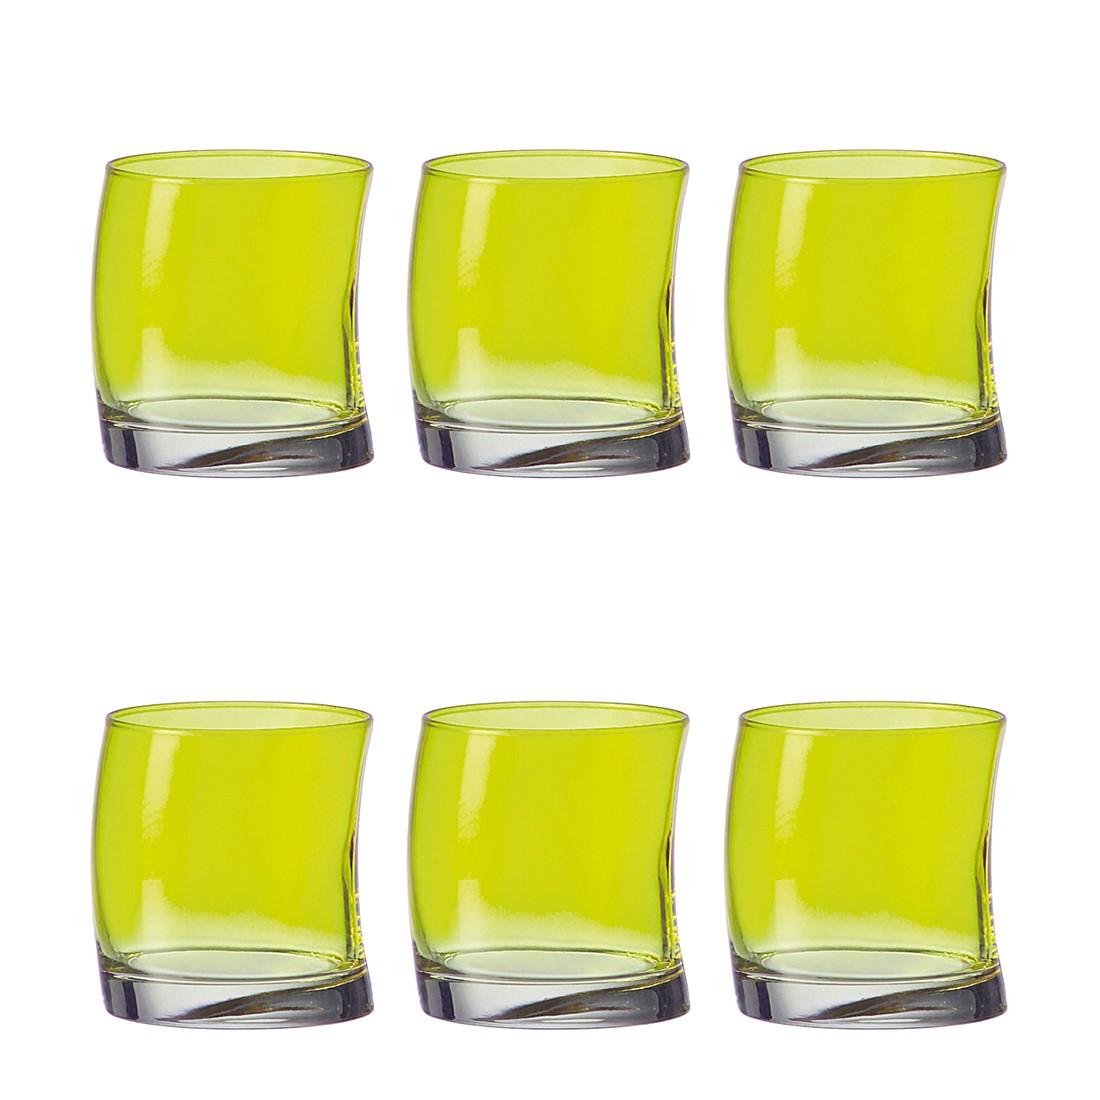 Becher Swing (6er-Set) – Klein – Apfelgrün, Leonardo jetzt bestellen